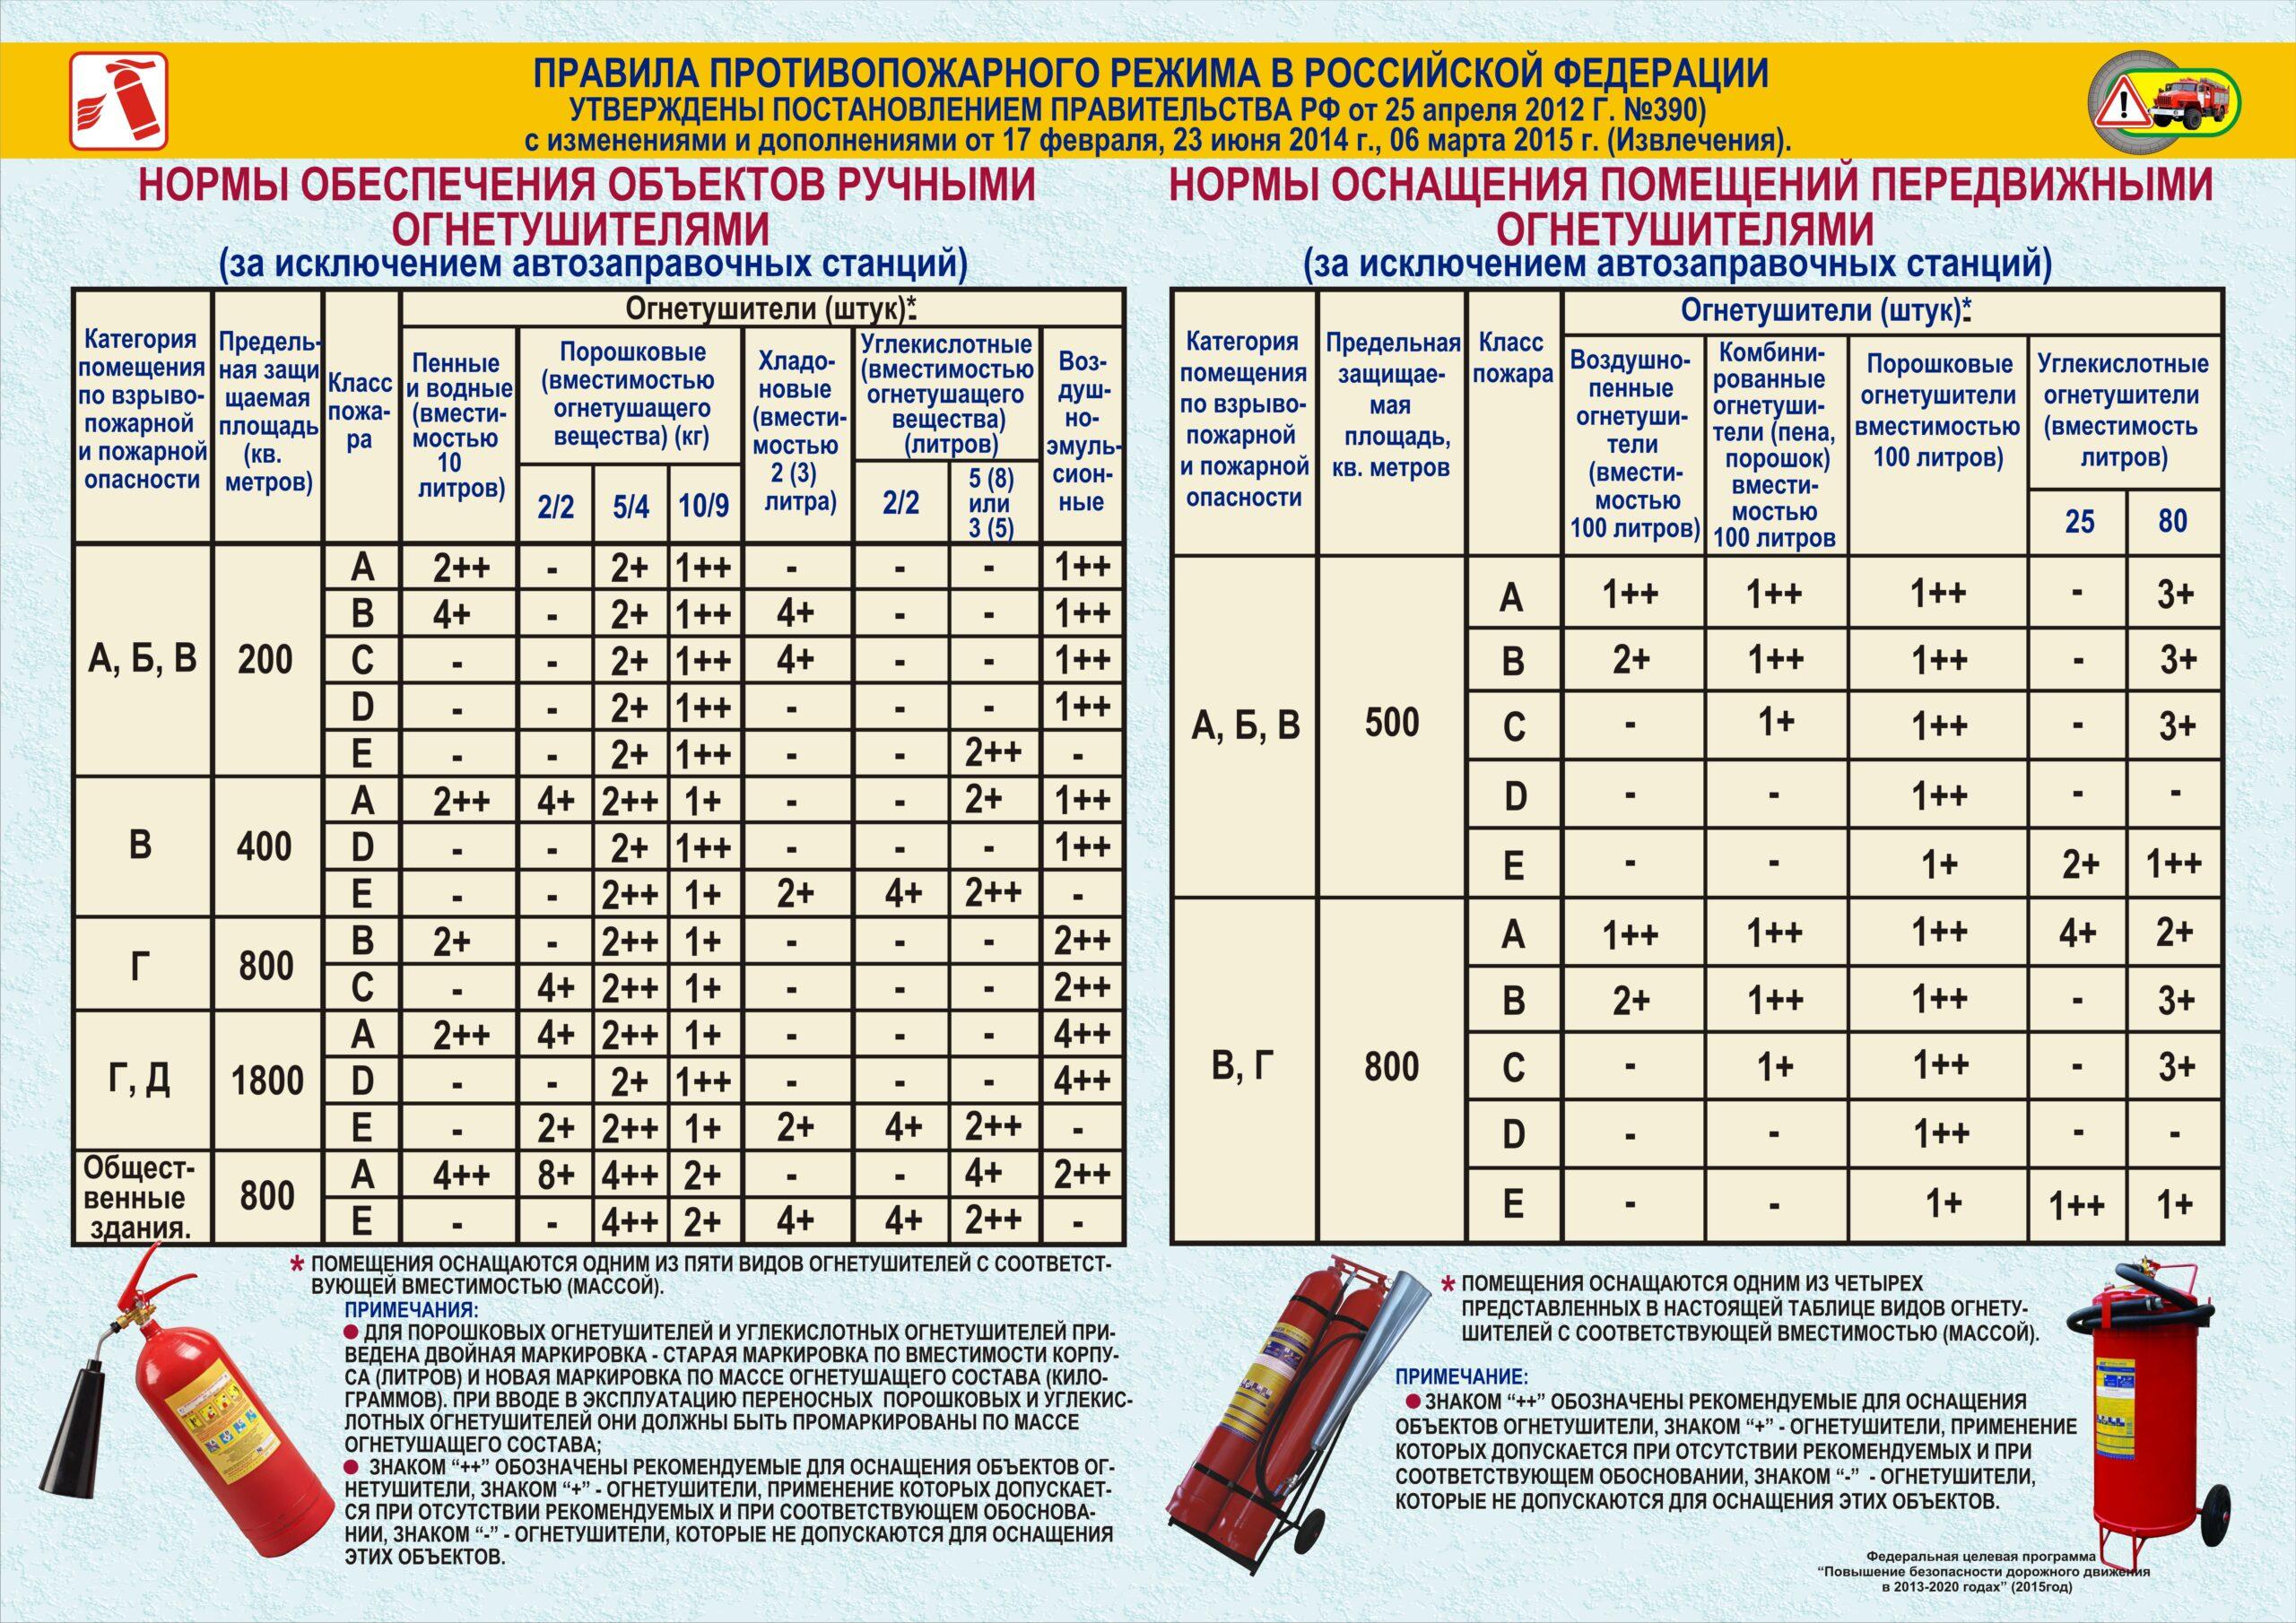 По категориям пожароопасности определяются меры и технические средства защиты, рассчитывается количество средств первичного пожаротушения и индивидуальной защиты.